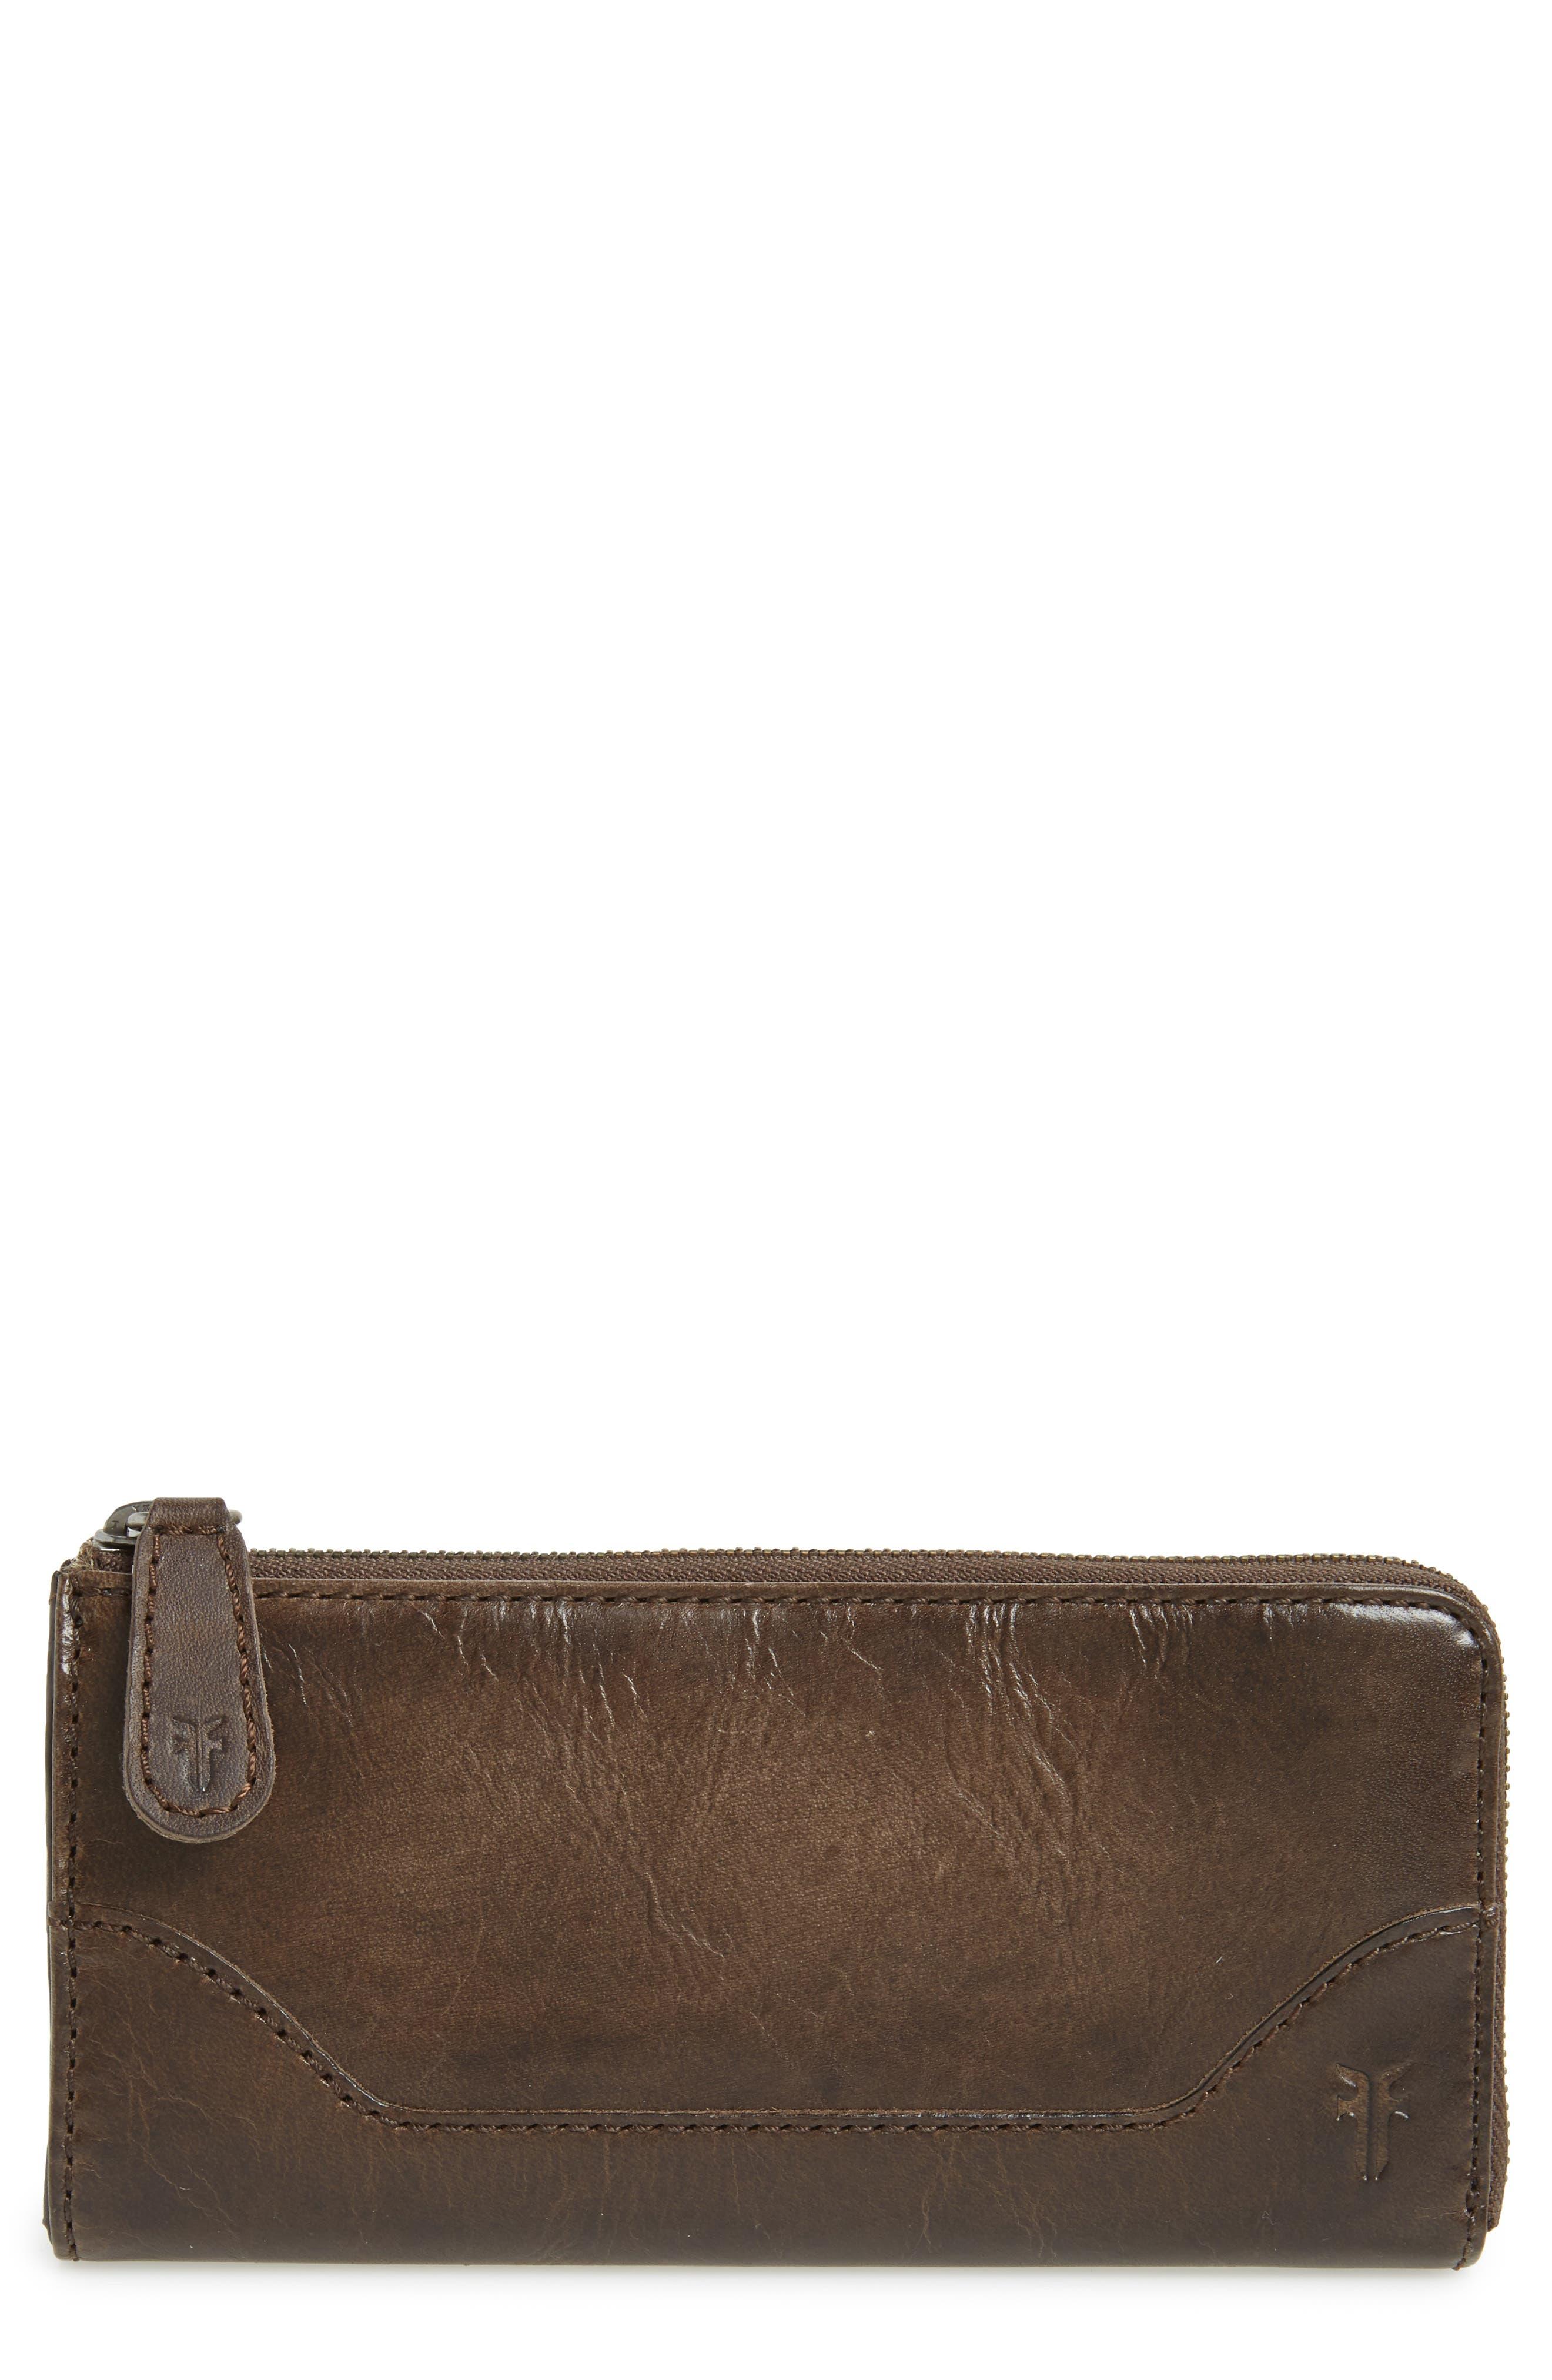 Melissa Leather Wallet,                             Main thumbnail 1, color,                             Slate